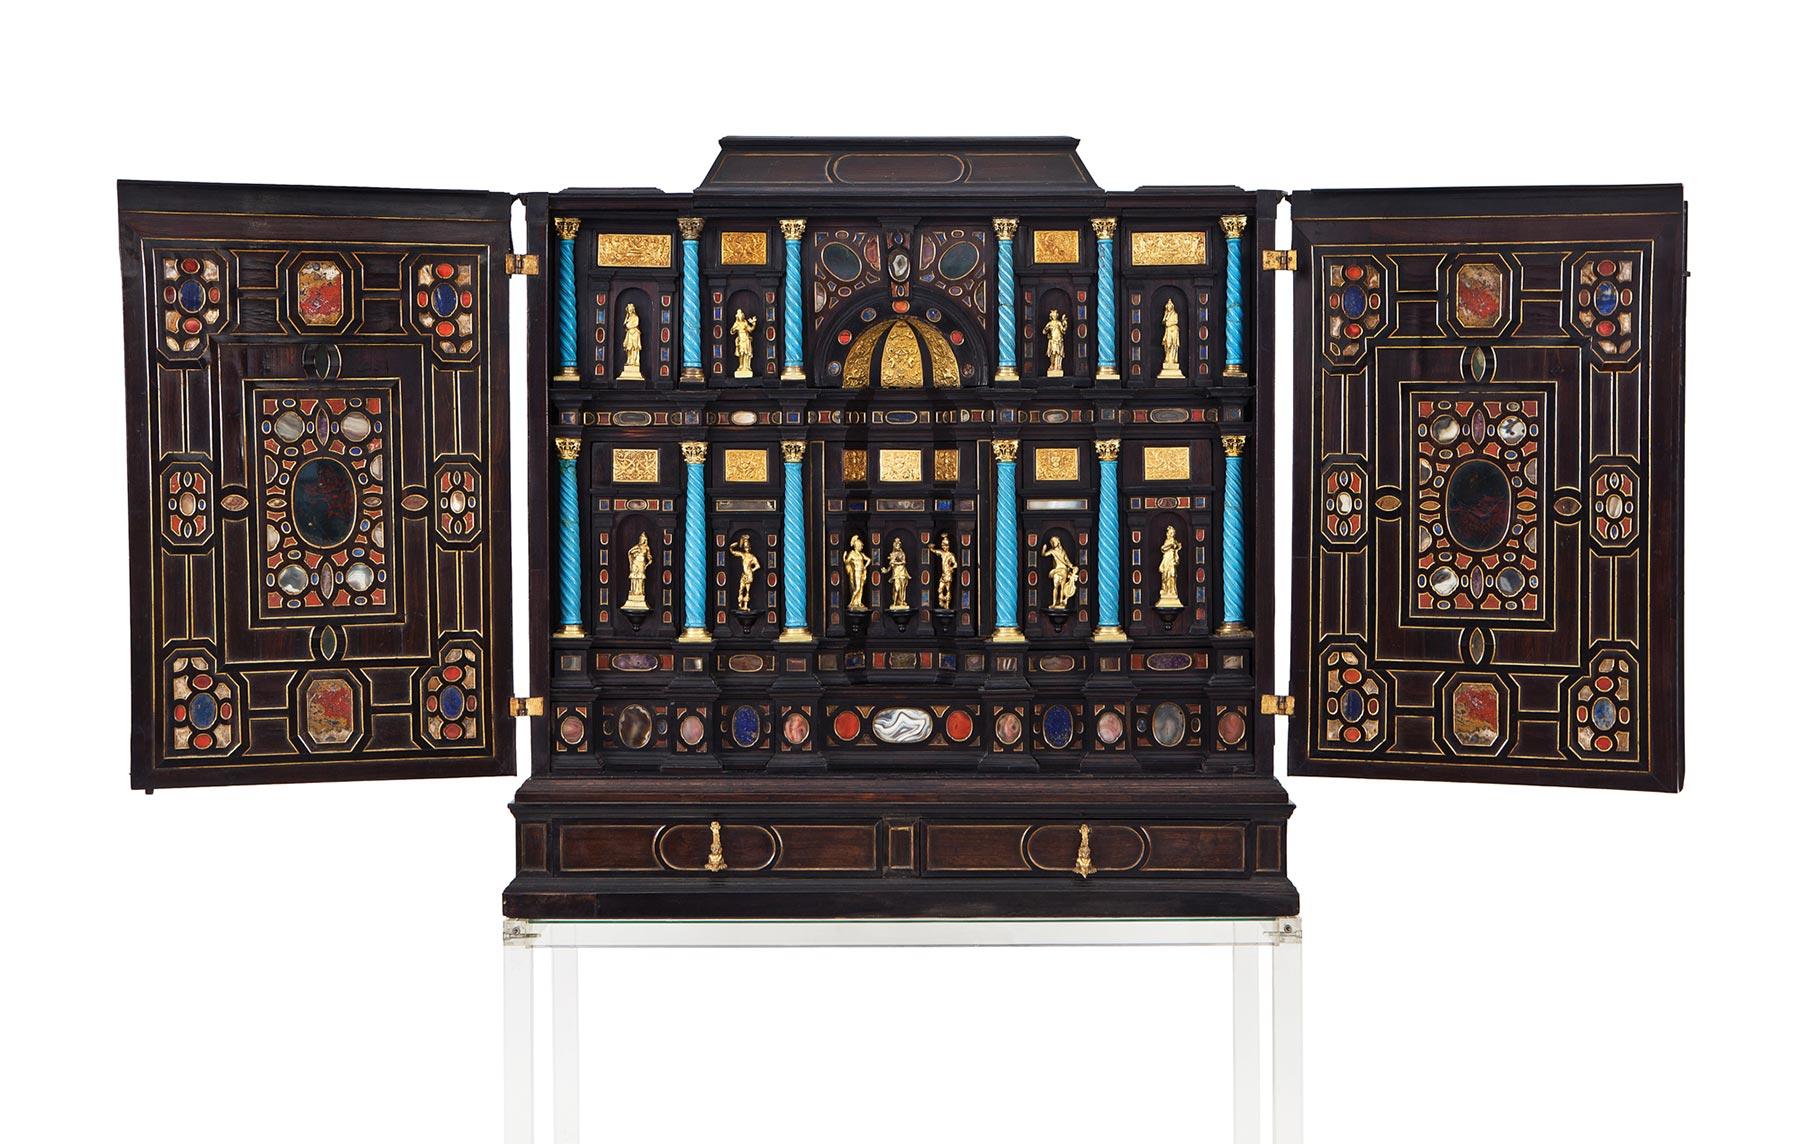 114-cabinet-en-madera-de-palosanto-bano-ebonizada-piedras-duras-y-aplicaciones-de-bronce-dorado-italia-mediados-s.-xvii.00a